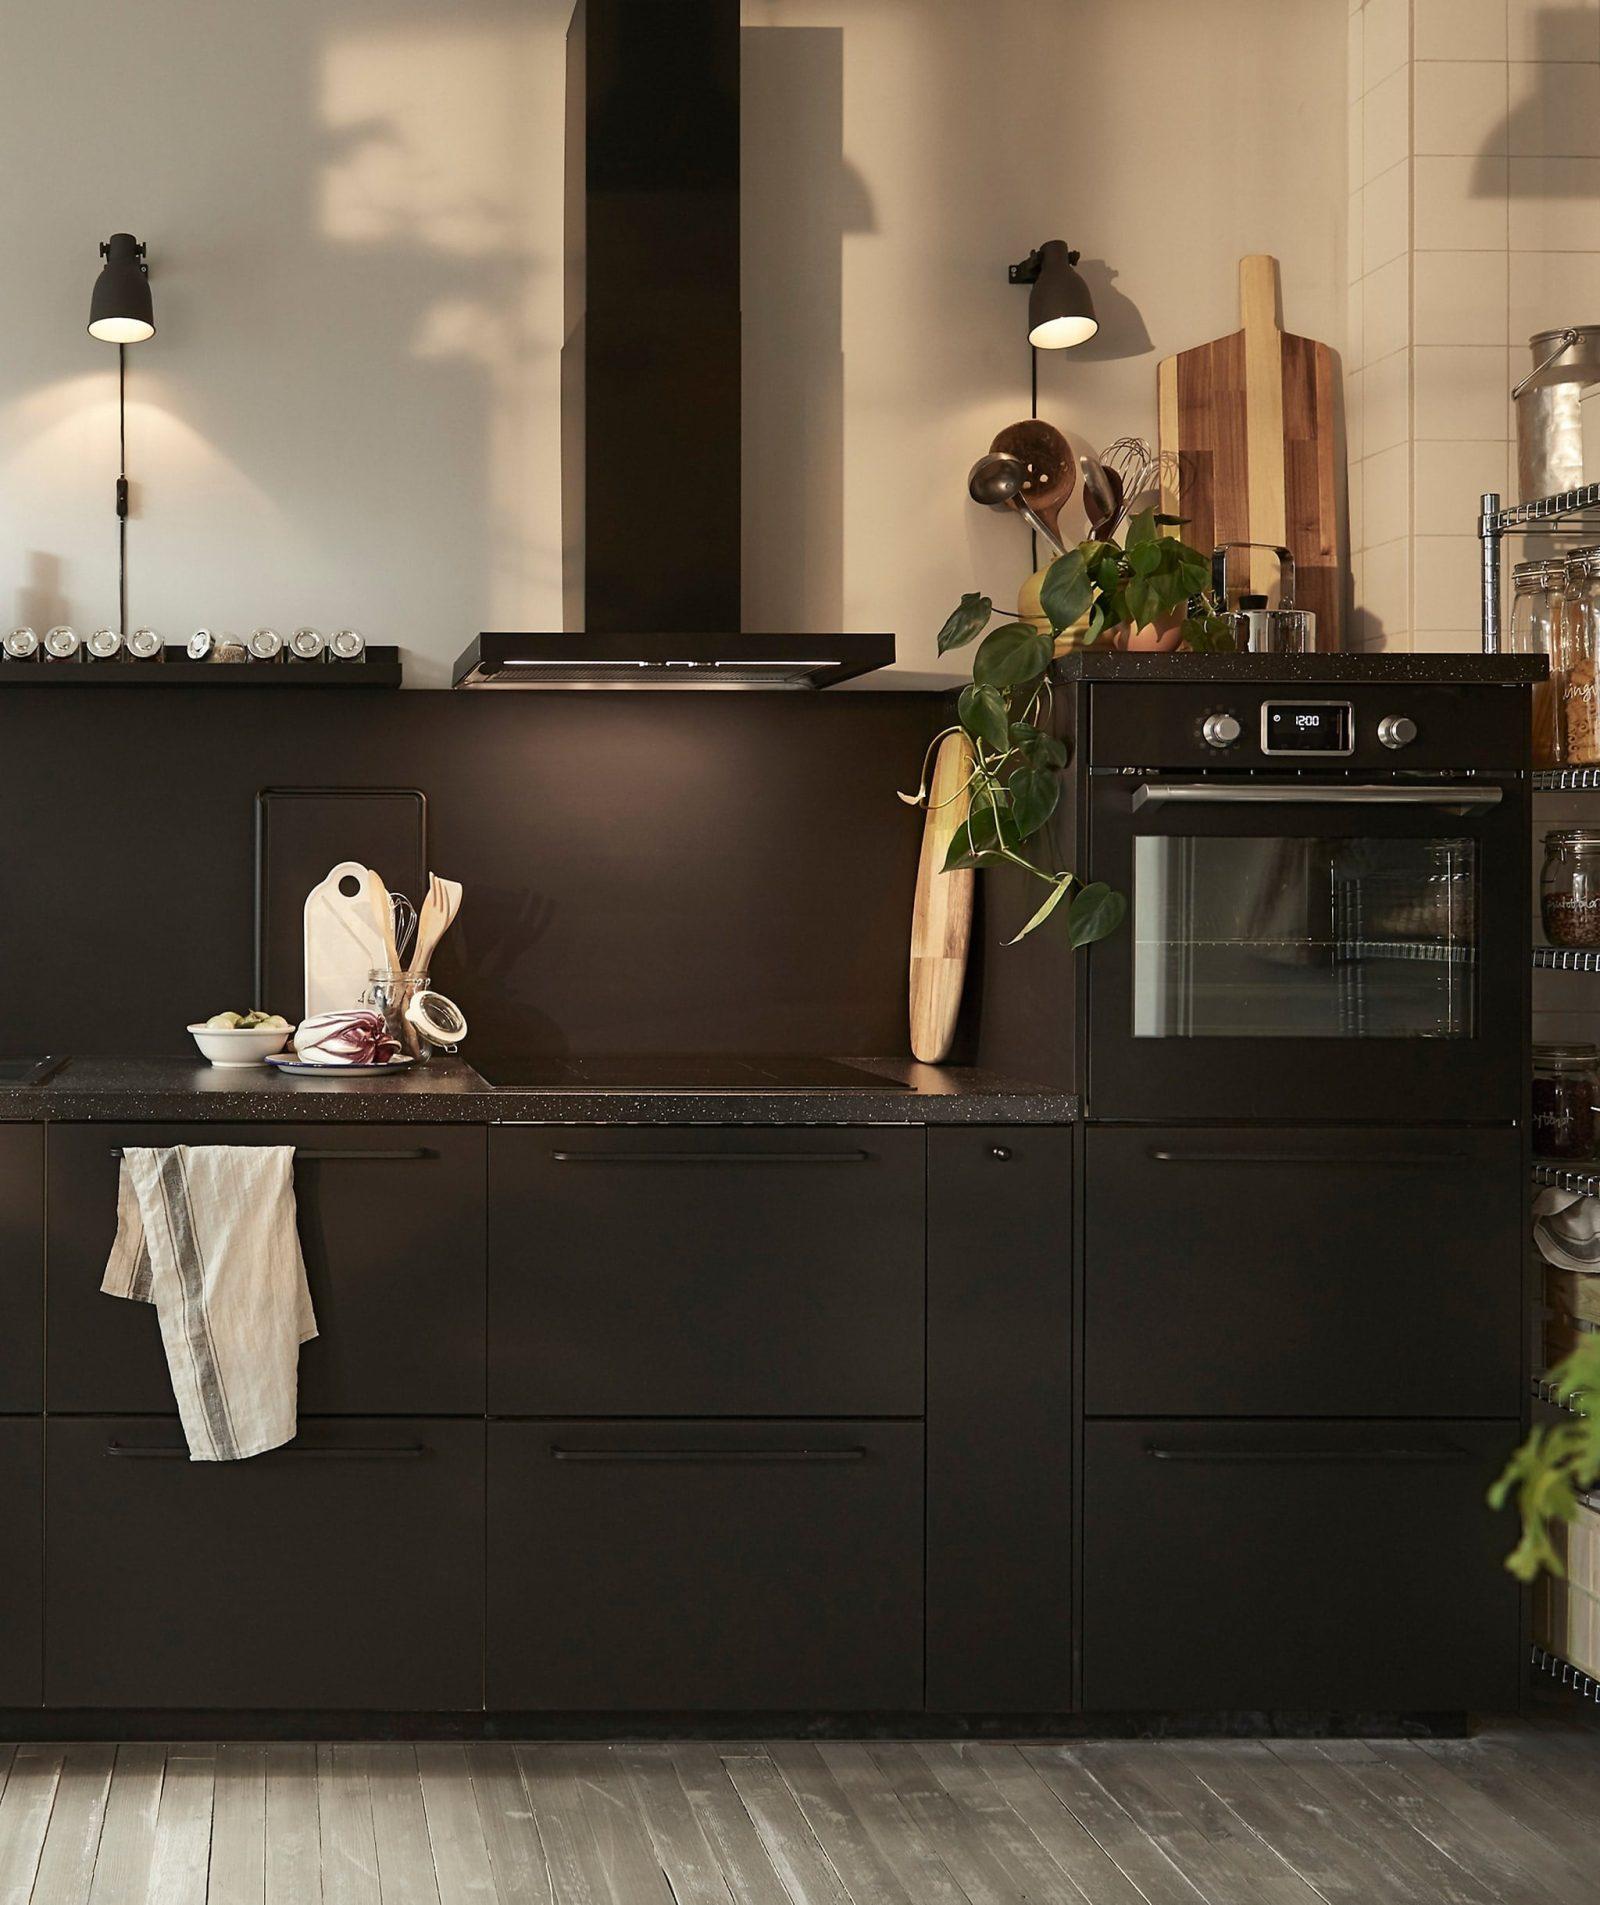 ikea the ikea kungsbacka black kitchen with buillt in appliances and extractor hood  1364682701873 s5 - Các thiết bị nhà bếp hiện đại có thể thay đổi cuộc sống của bạn như thế nào?